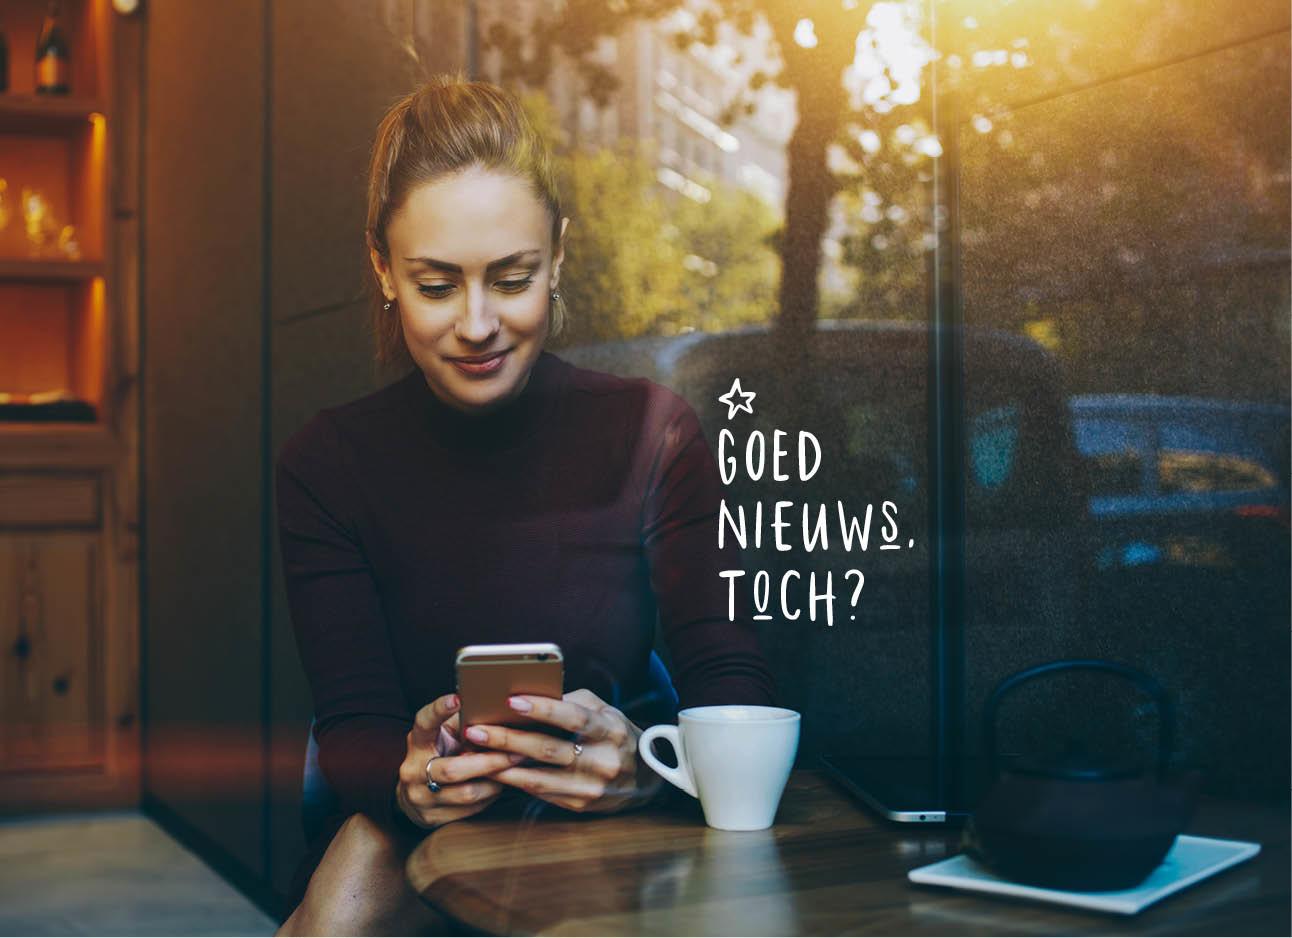 vrouw kijkend naar telefoon in een cafe met koffie op haar tafel zwart coltrui aan